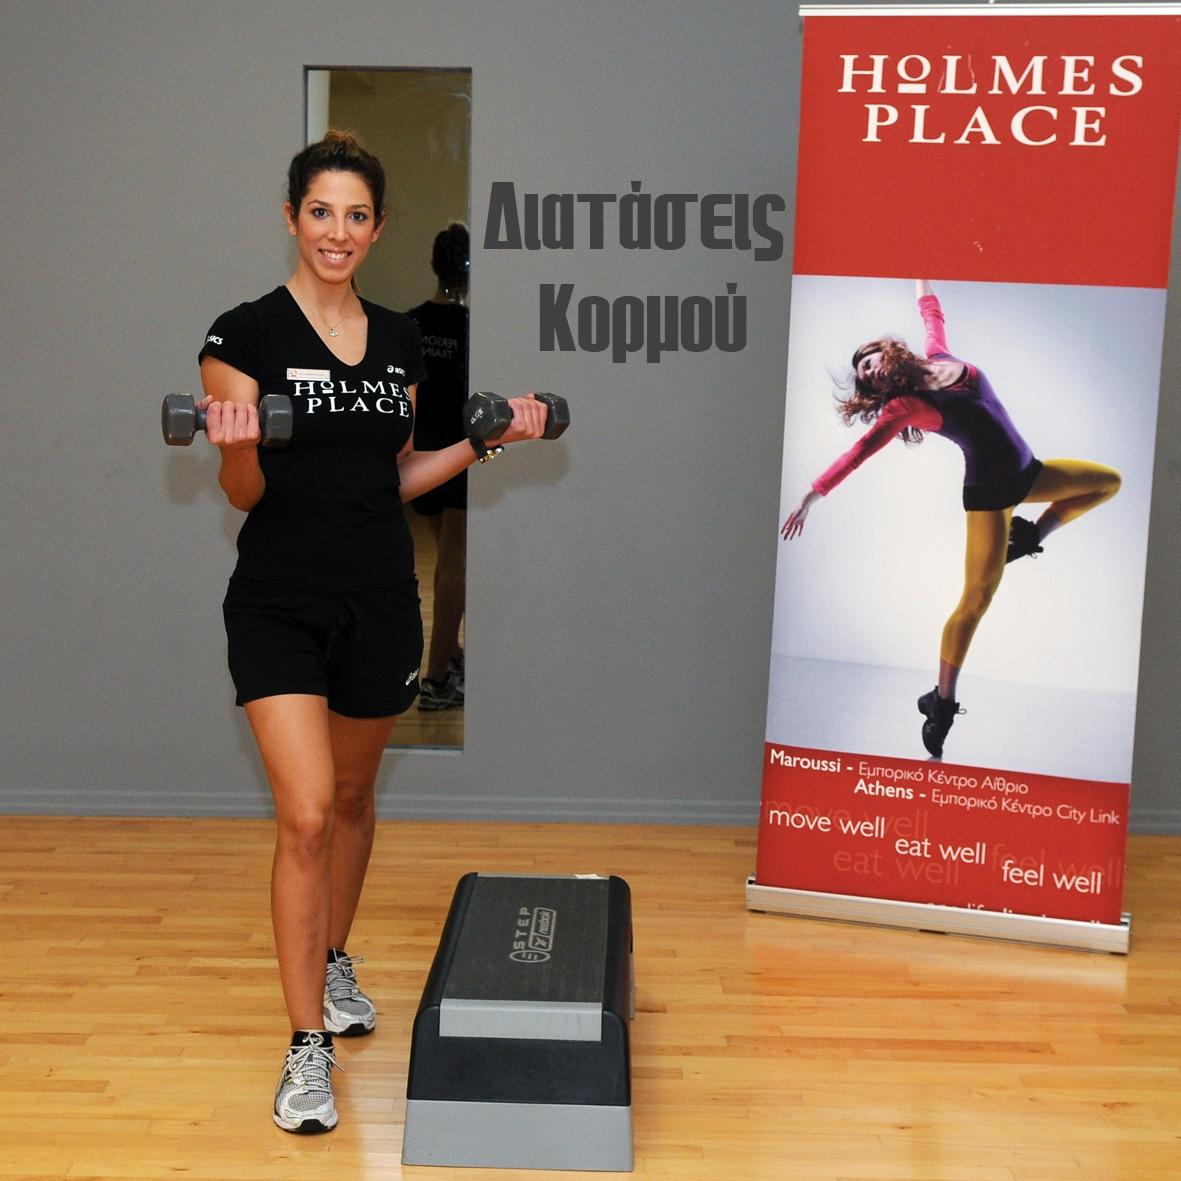 1 | Διατάσεις Κορμού! Οι ασκήσεις που πρέπει να κάνεις πριν ξεκινήσεις γυμναστική...